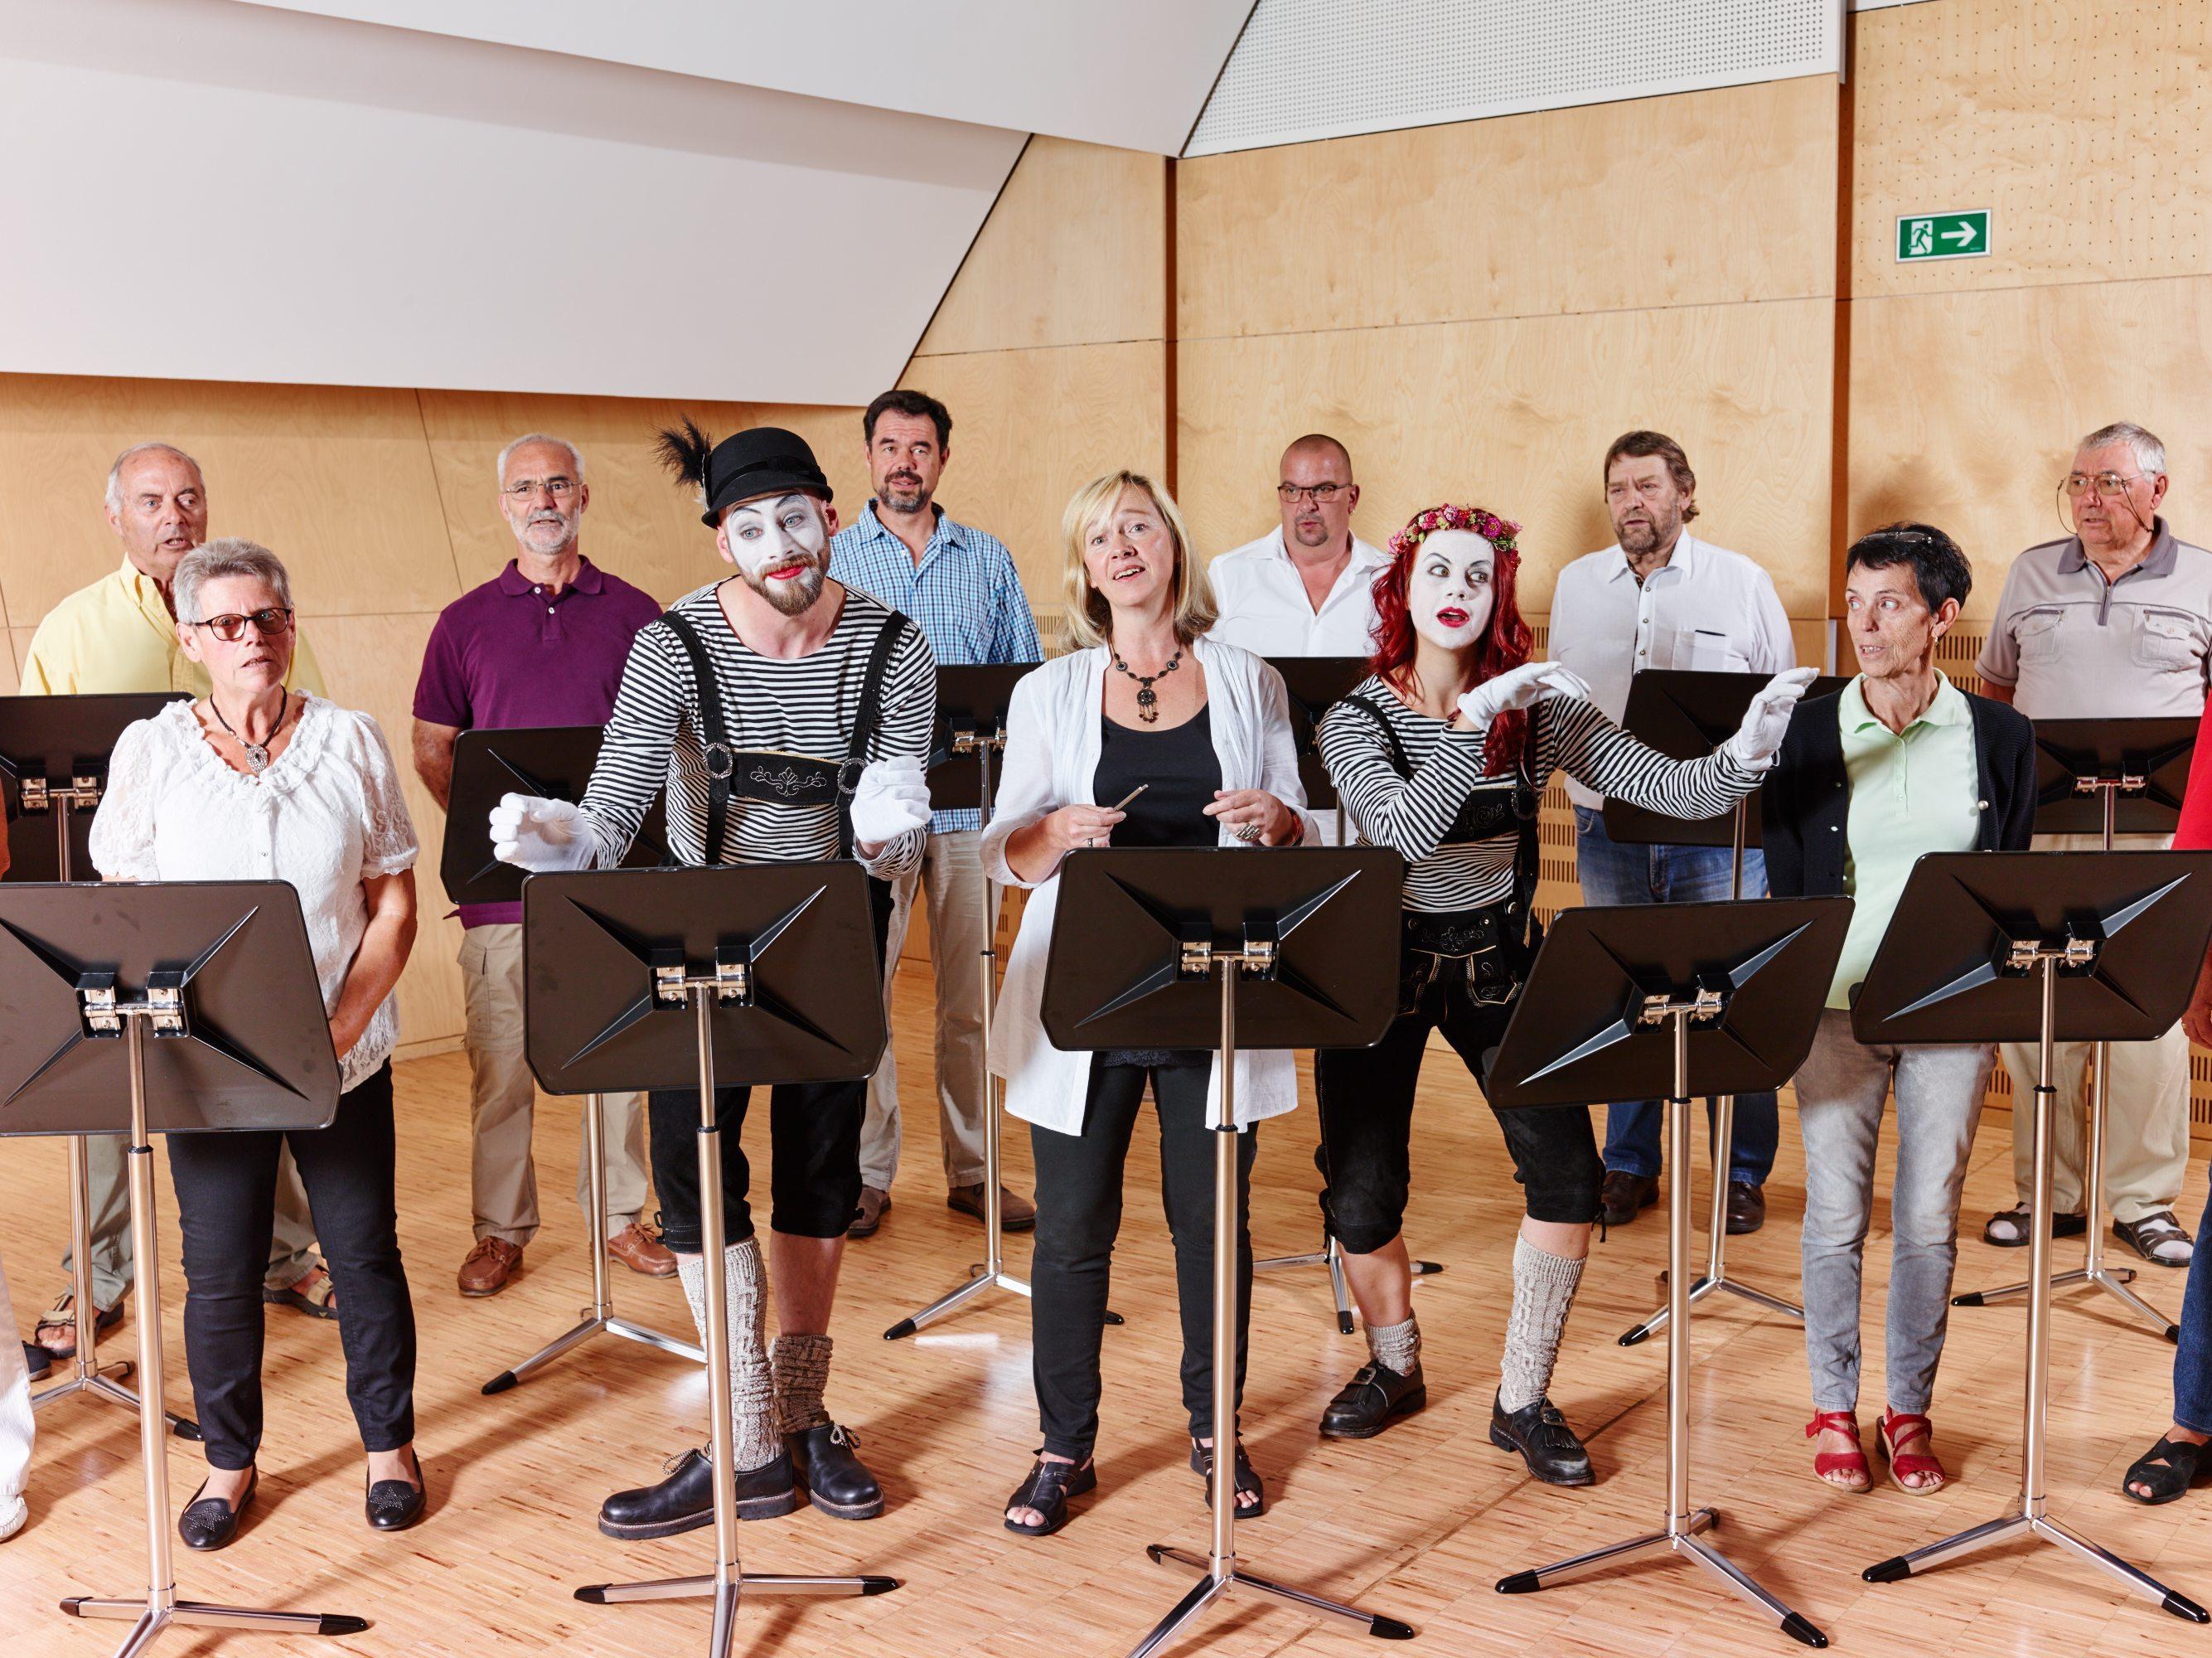 Sie sehen einen Chor in der Musikakademie Knappenberg mit Pantomimen. JUFA Hotels bietet den idealen Platz zum Musizieren und Singen in der Gemeinschaft in abwechslungsreichen Regionen.